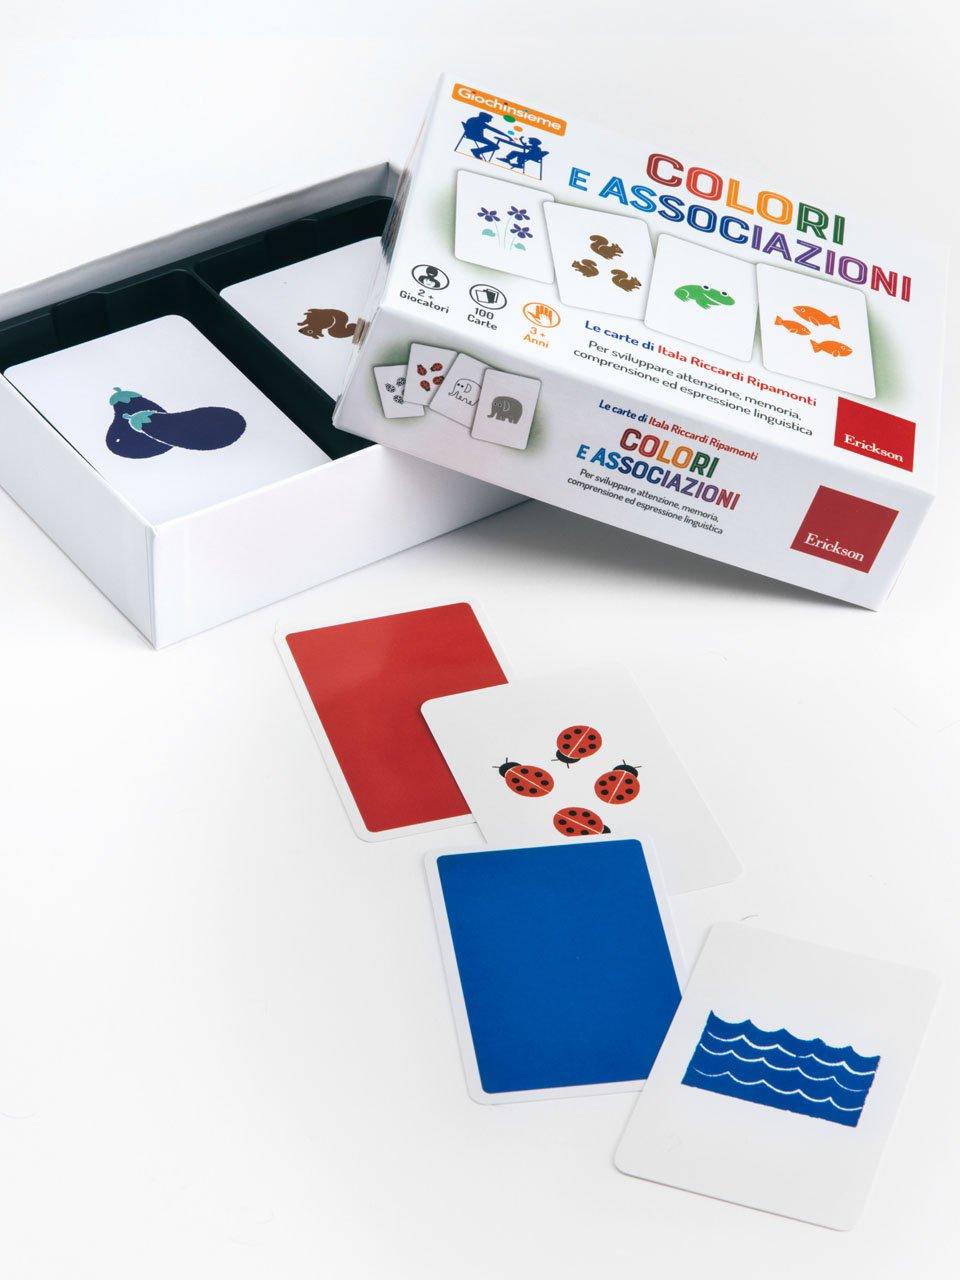 Giochinsieme - Colori e associazioni - Strumenti - Erickson 2